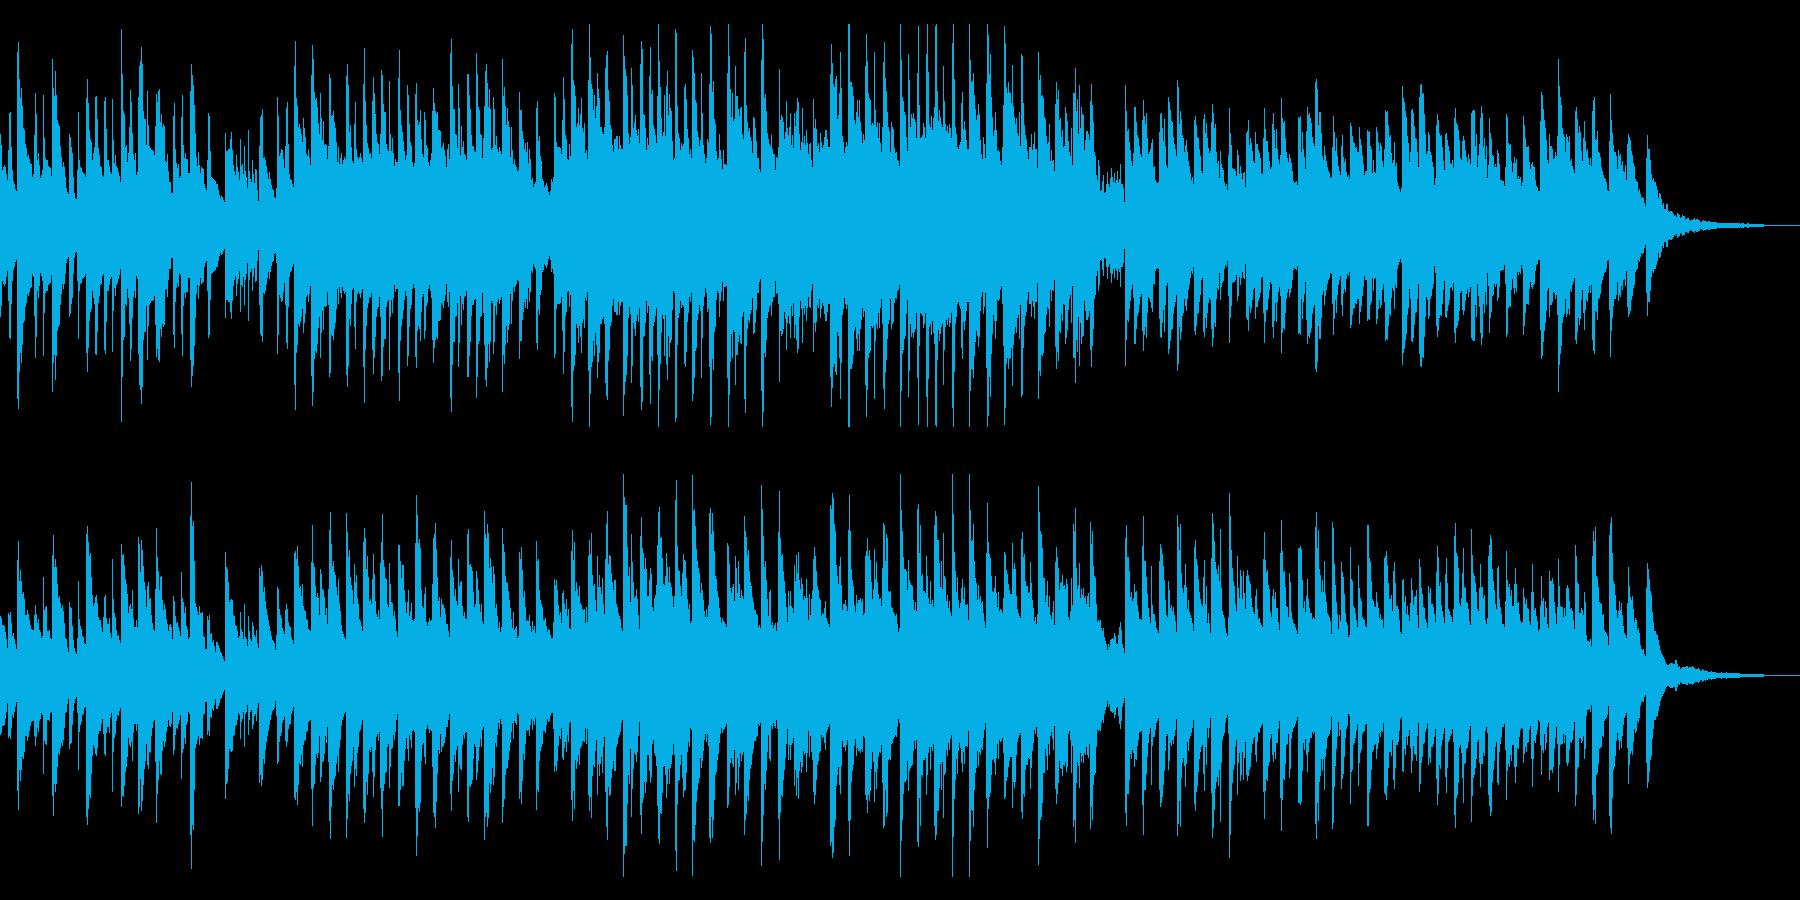 琴とピアノの穏やかな和風曲の再生済みの波形